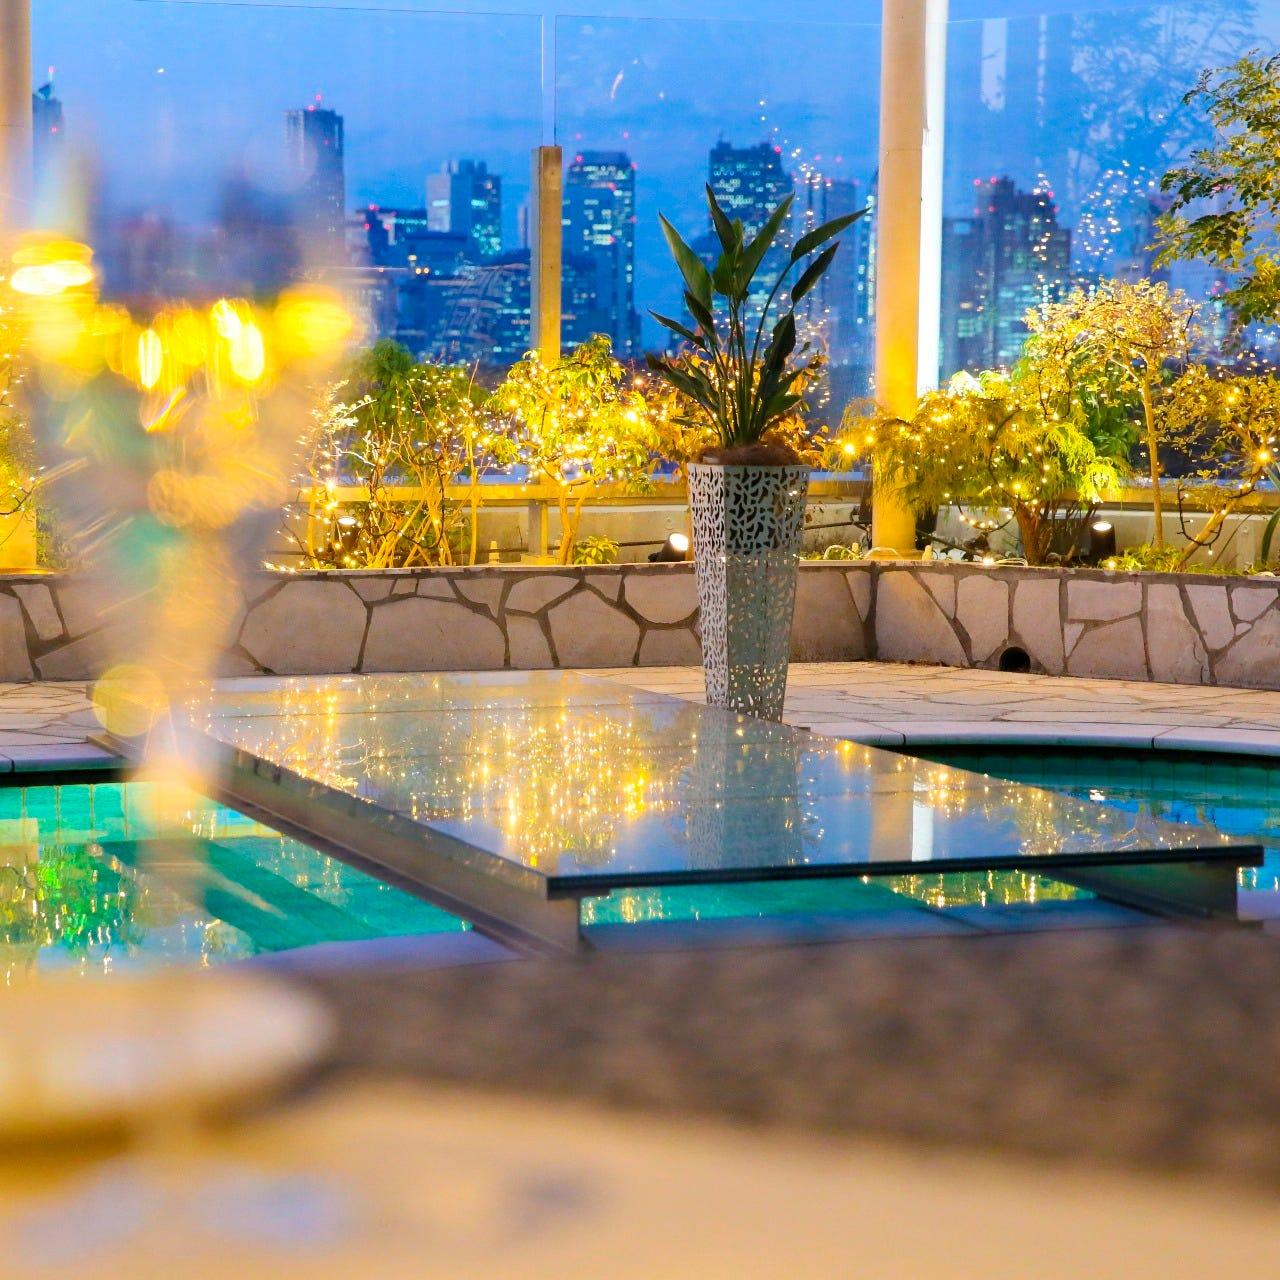 ロマンティックな夜景とともに素敵なディナーを・・・。